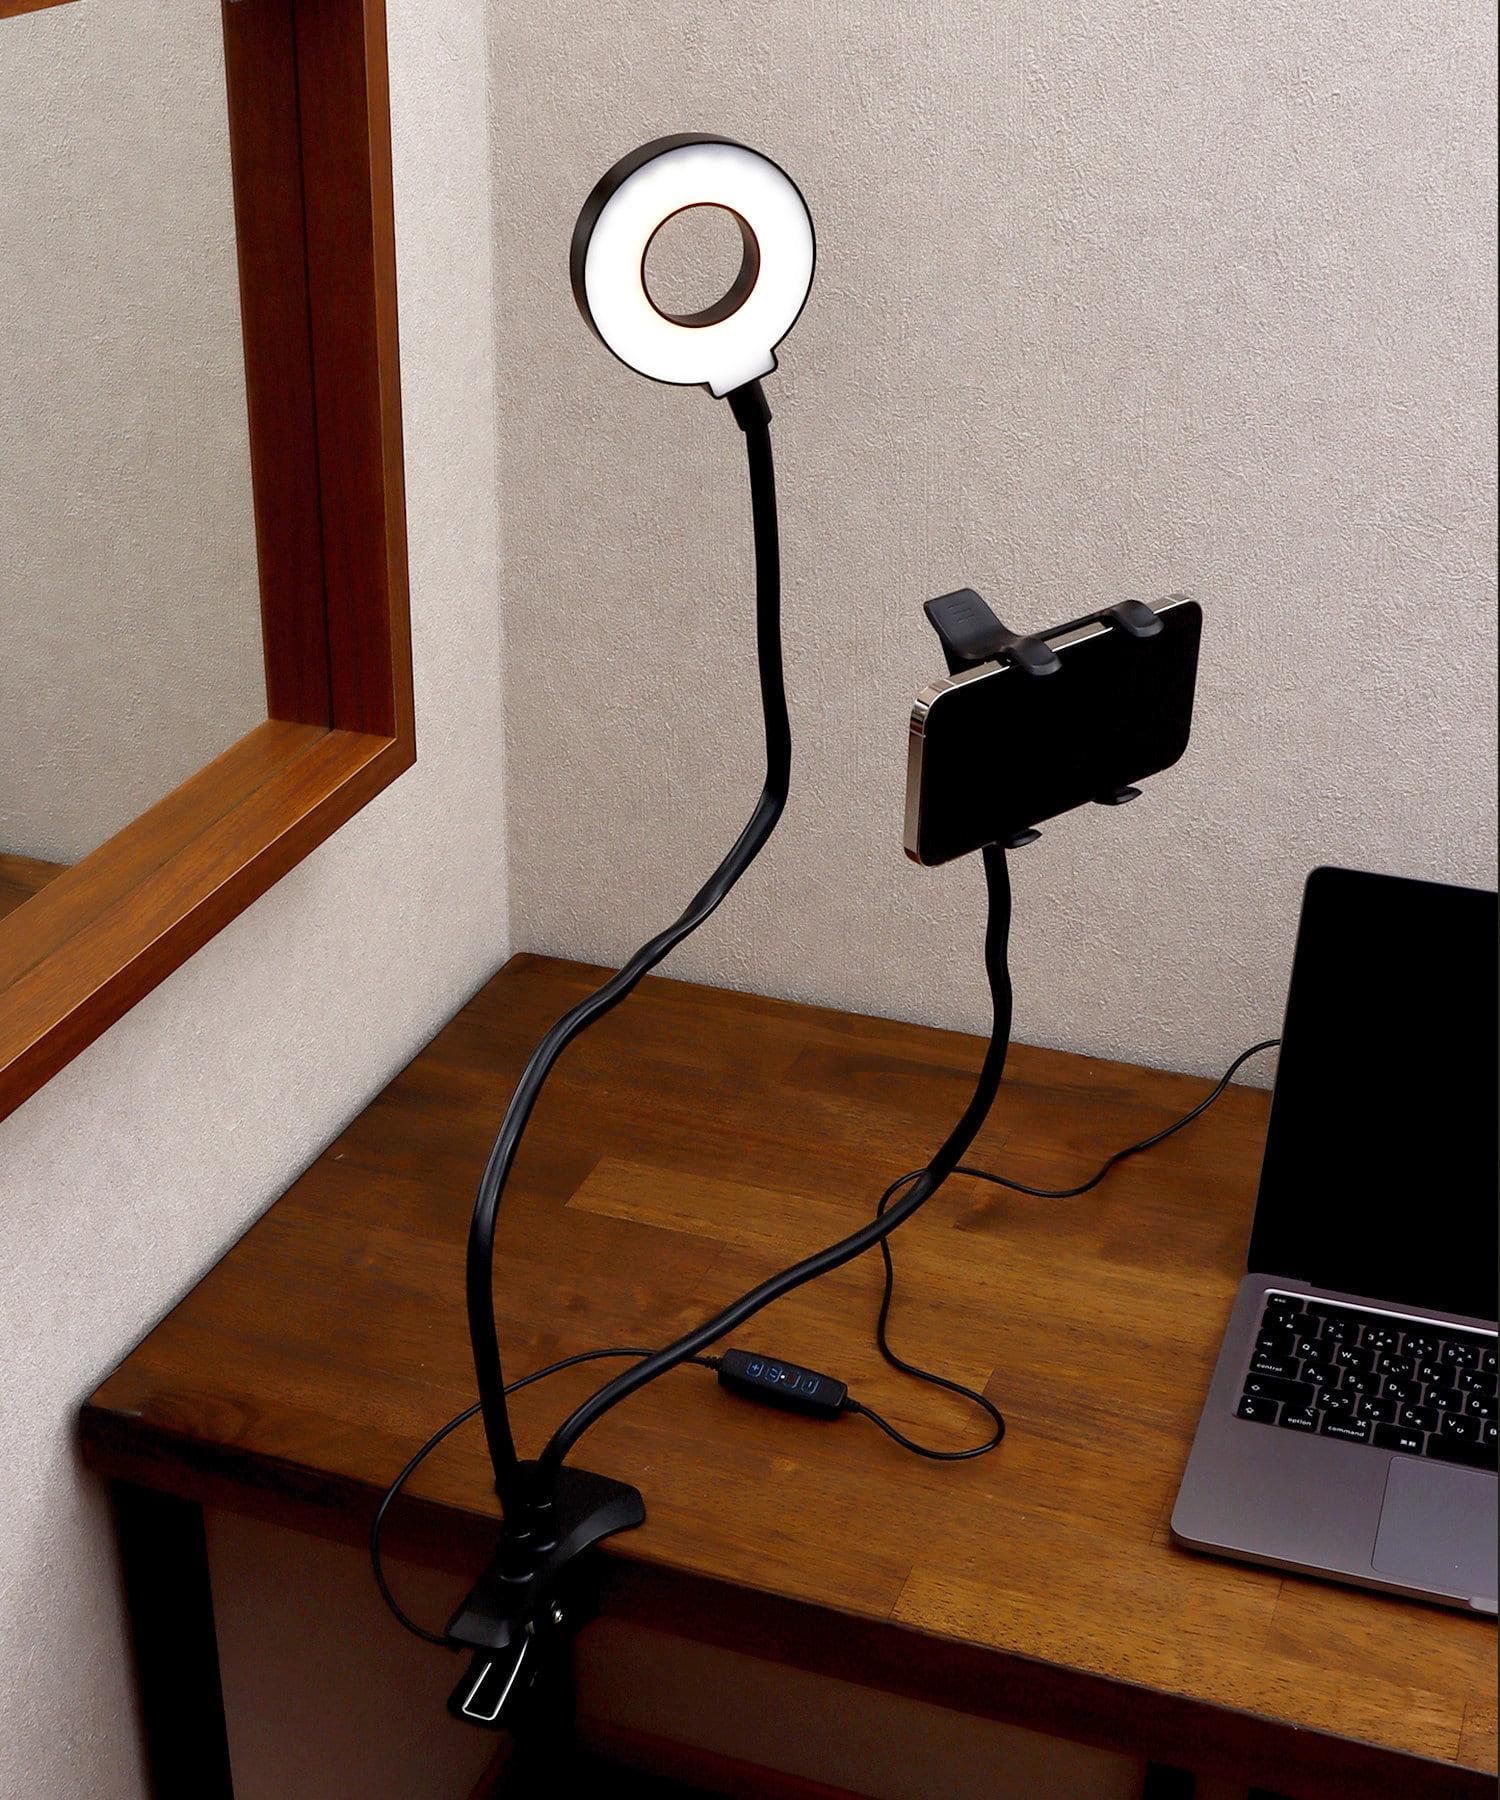 3COINS(スリーコインズ) ライフスタイル ライト付きスマホクリップ式ホルダー ブラック